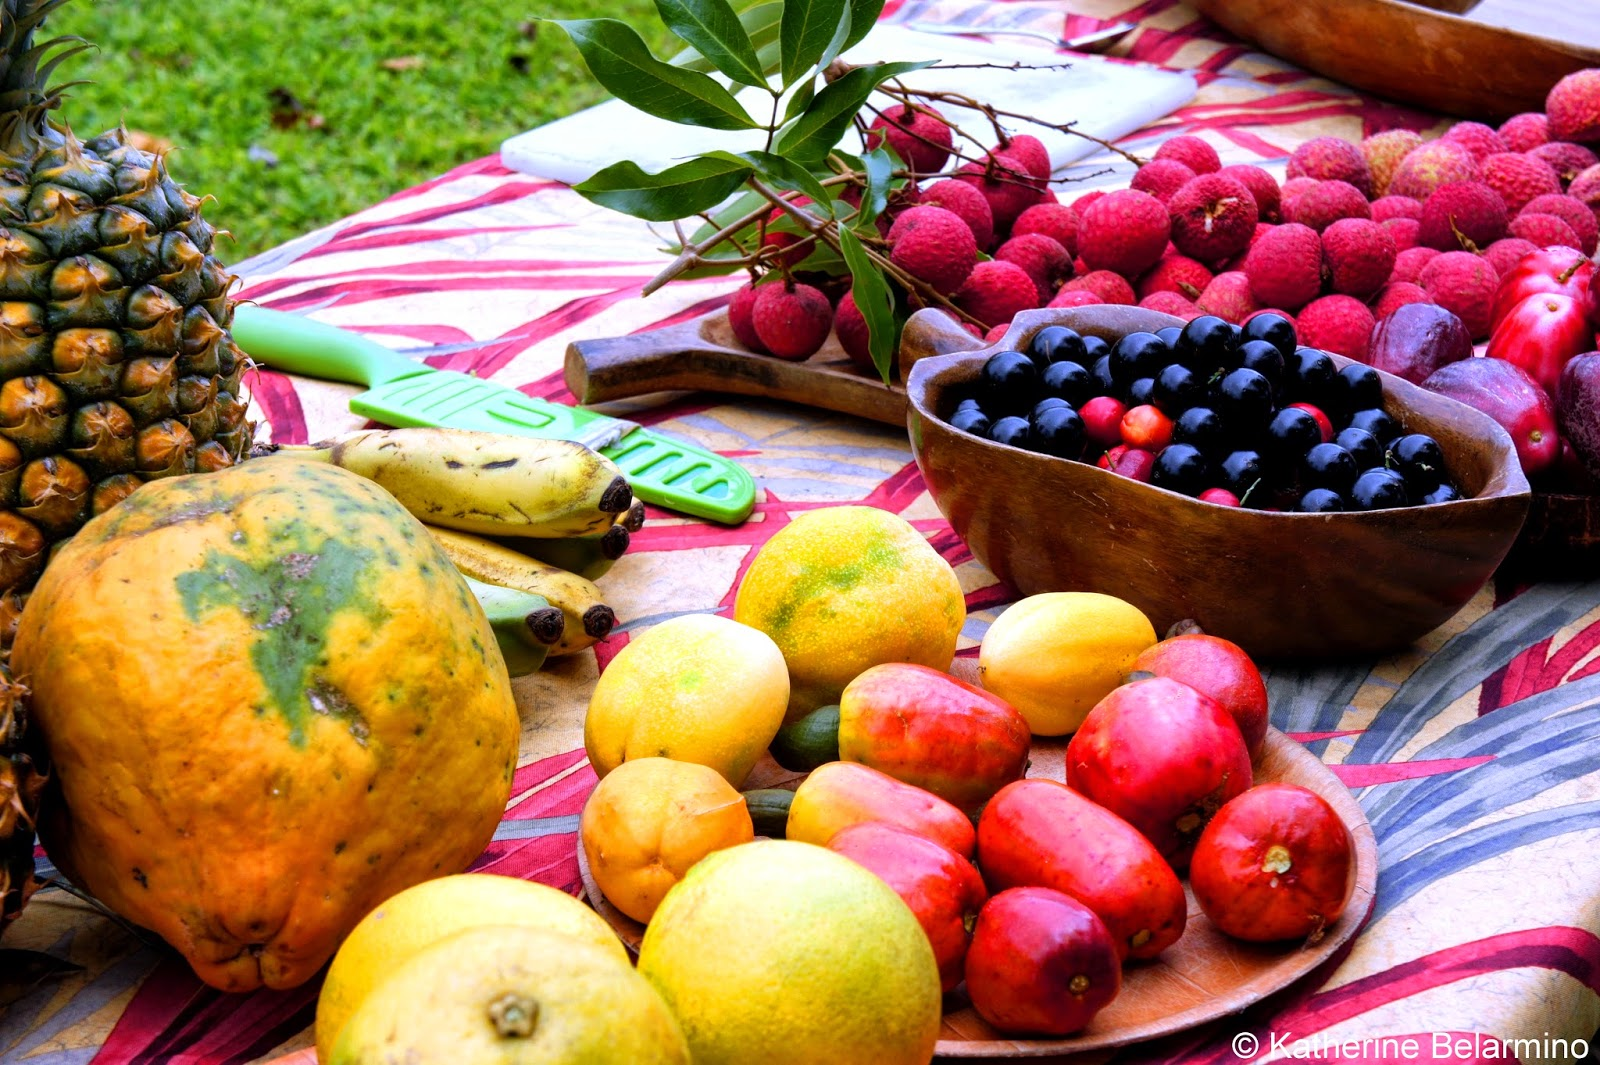 Tasting Kauai's Tropical Fruits And Island Cuisine On A